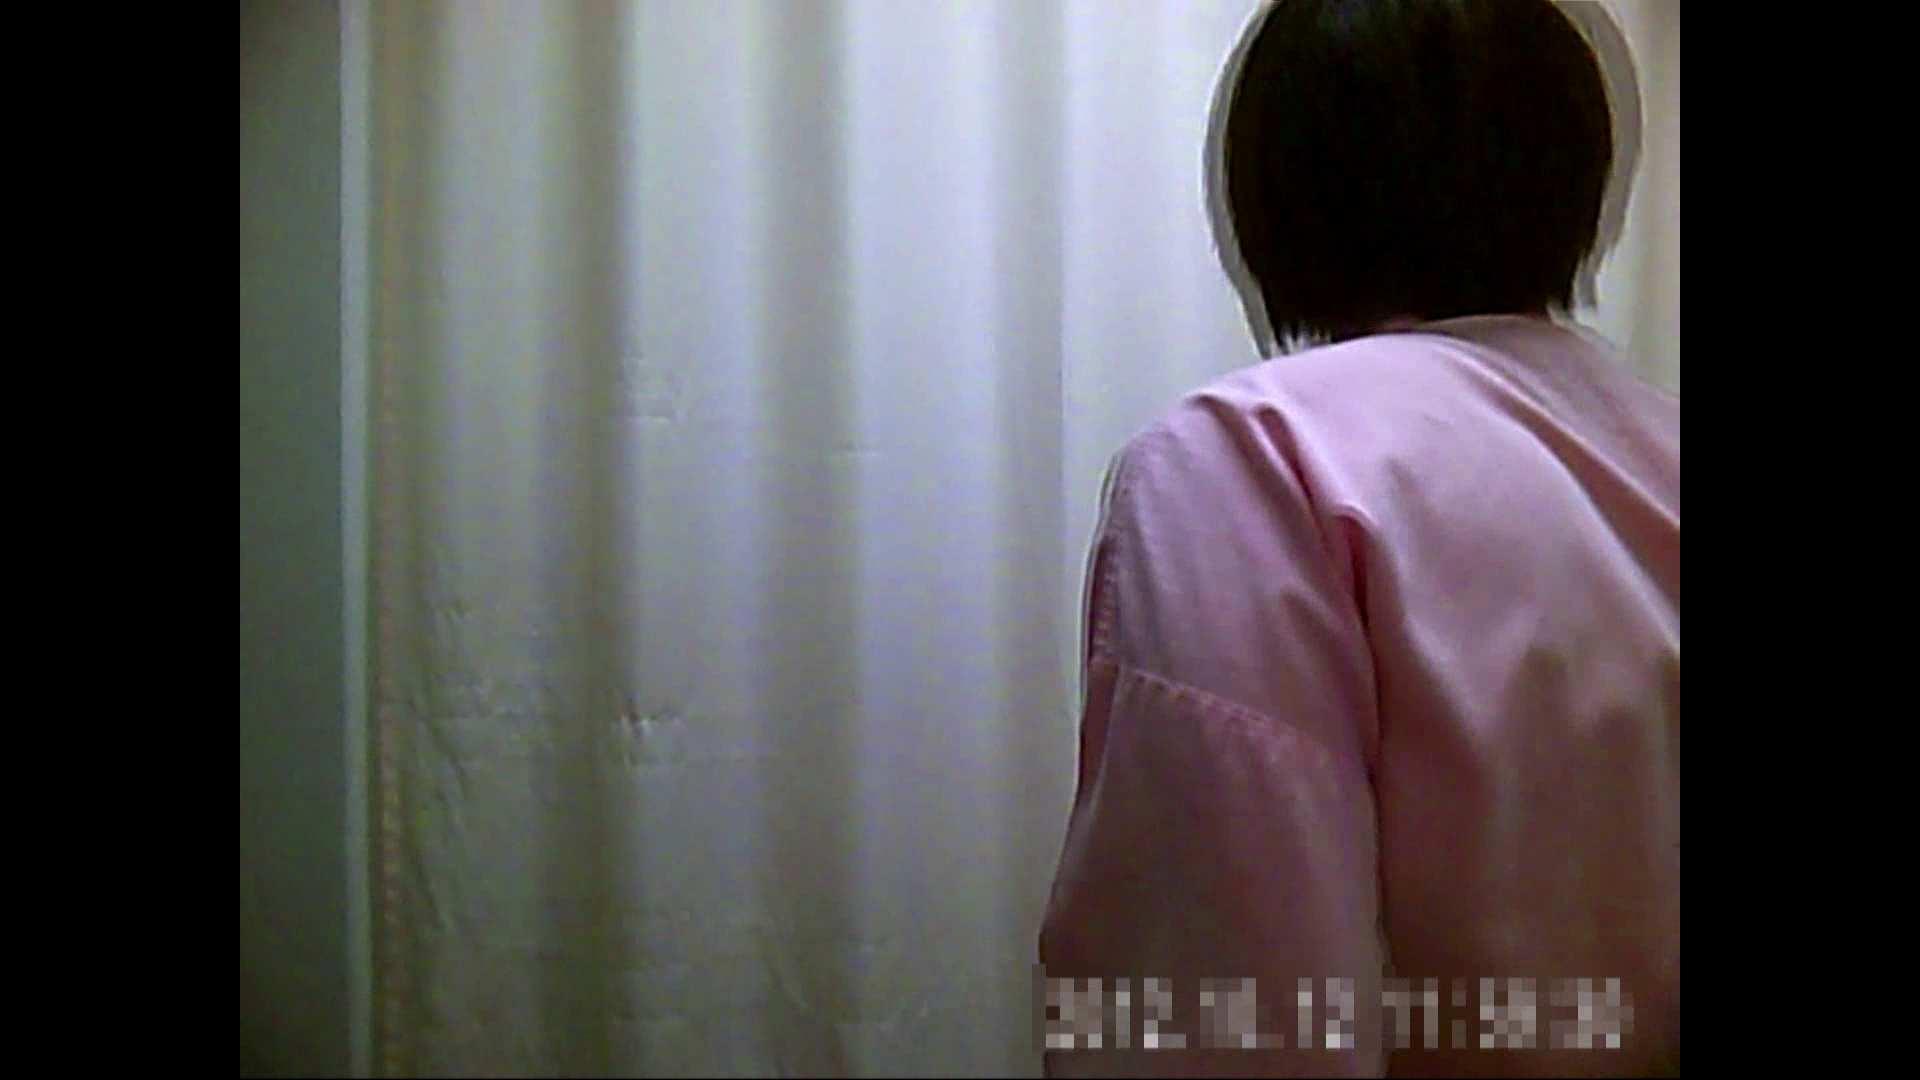 元医者による反抗 更衣室地獄絵巻 vol.062 OL | 0  63連発 8